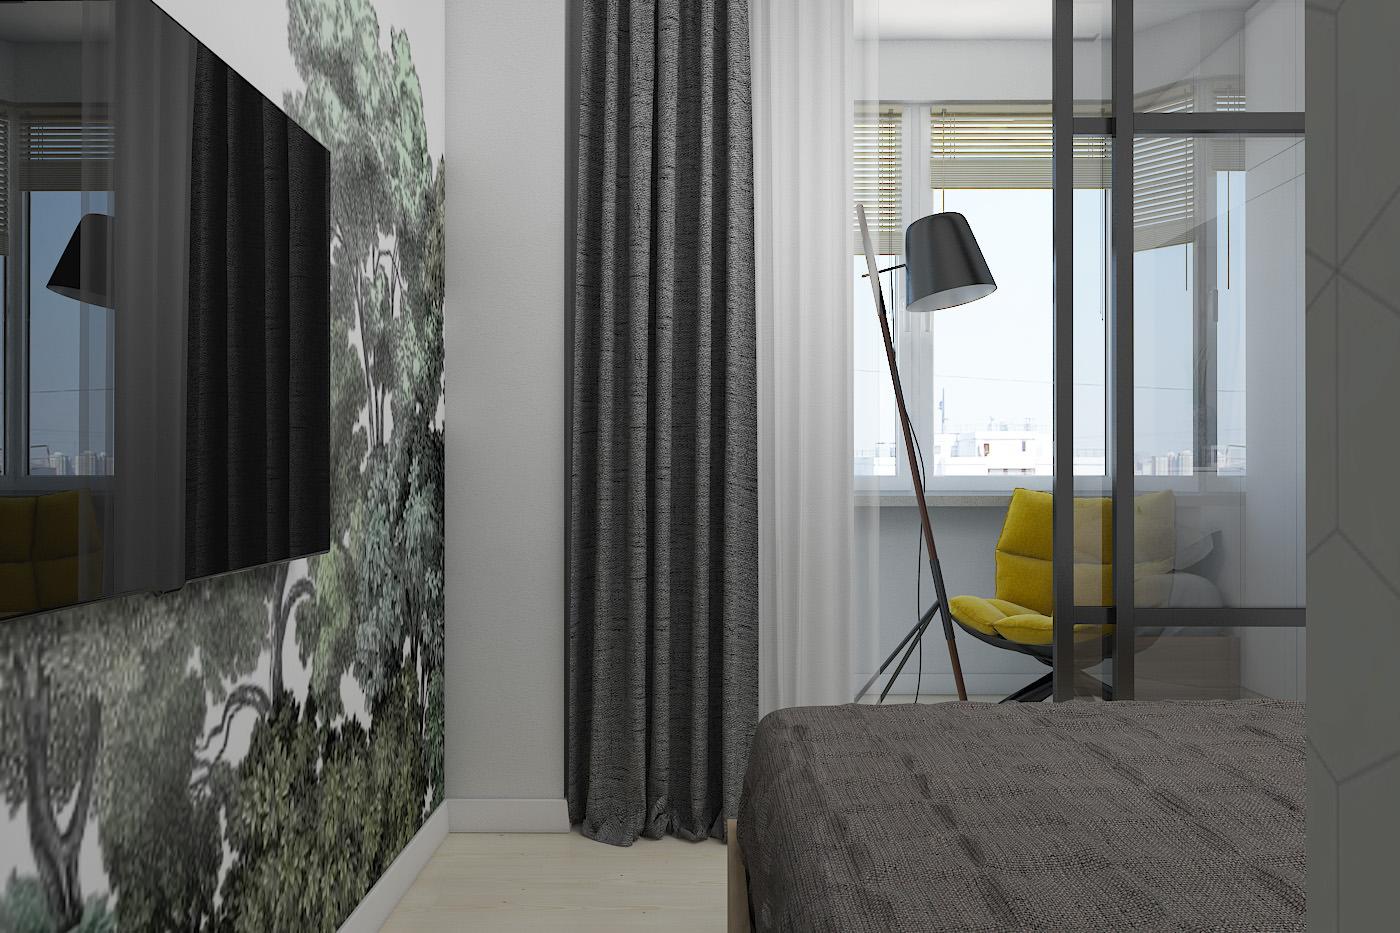 sazdavane-na-dinamichen-i-vedar-interior-v-dvustaen-apartament-60-m-7g